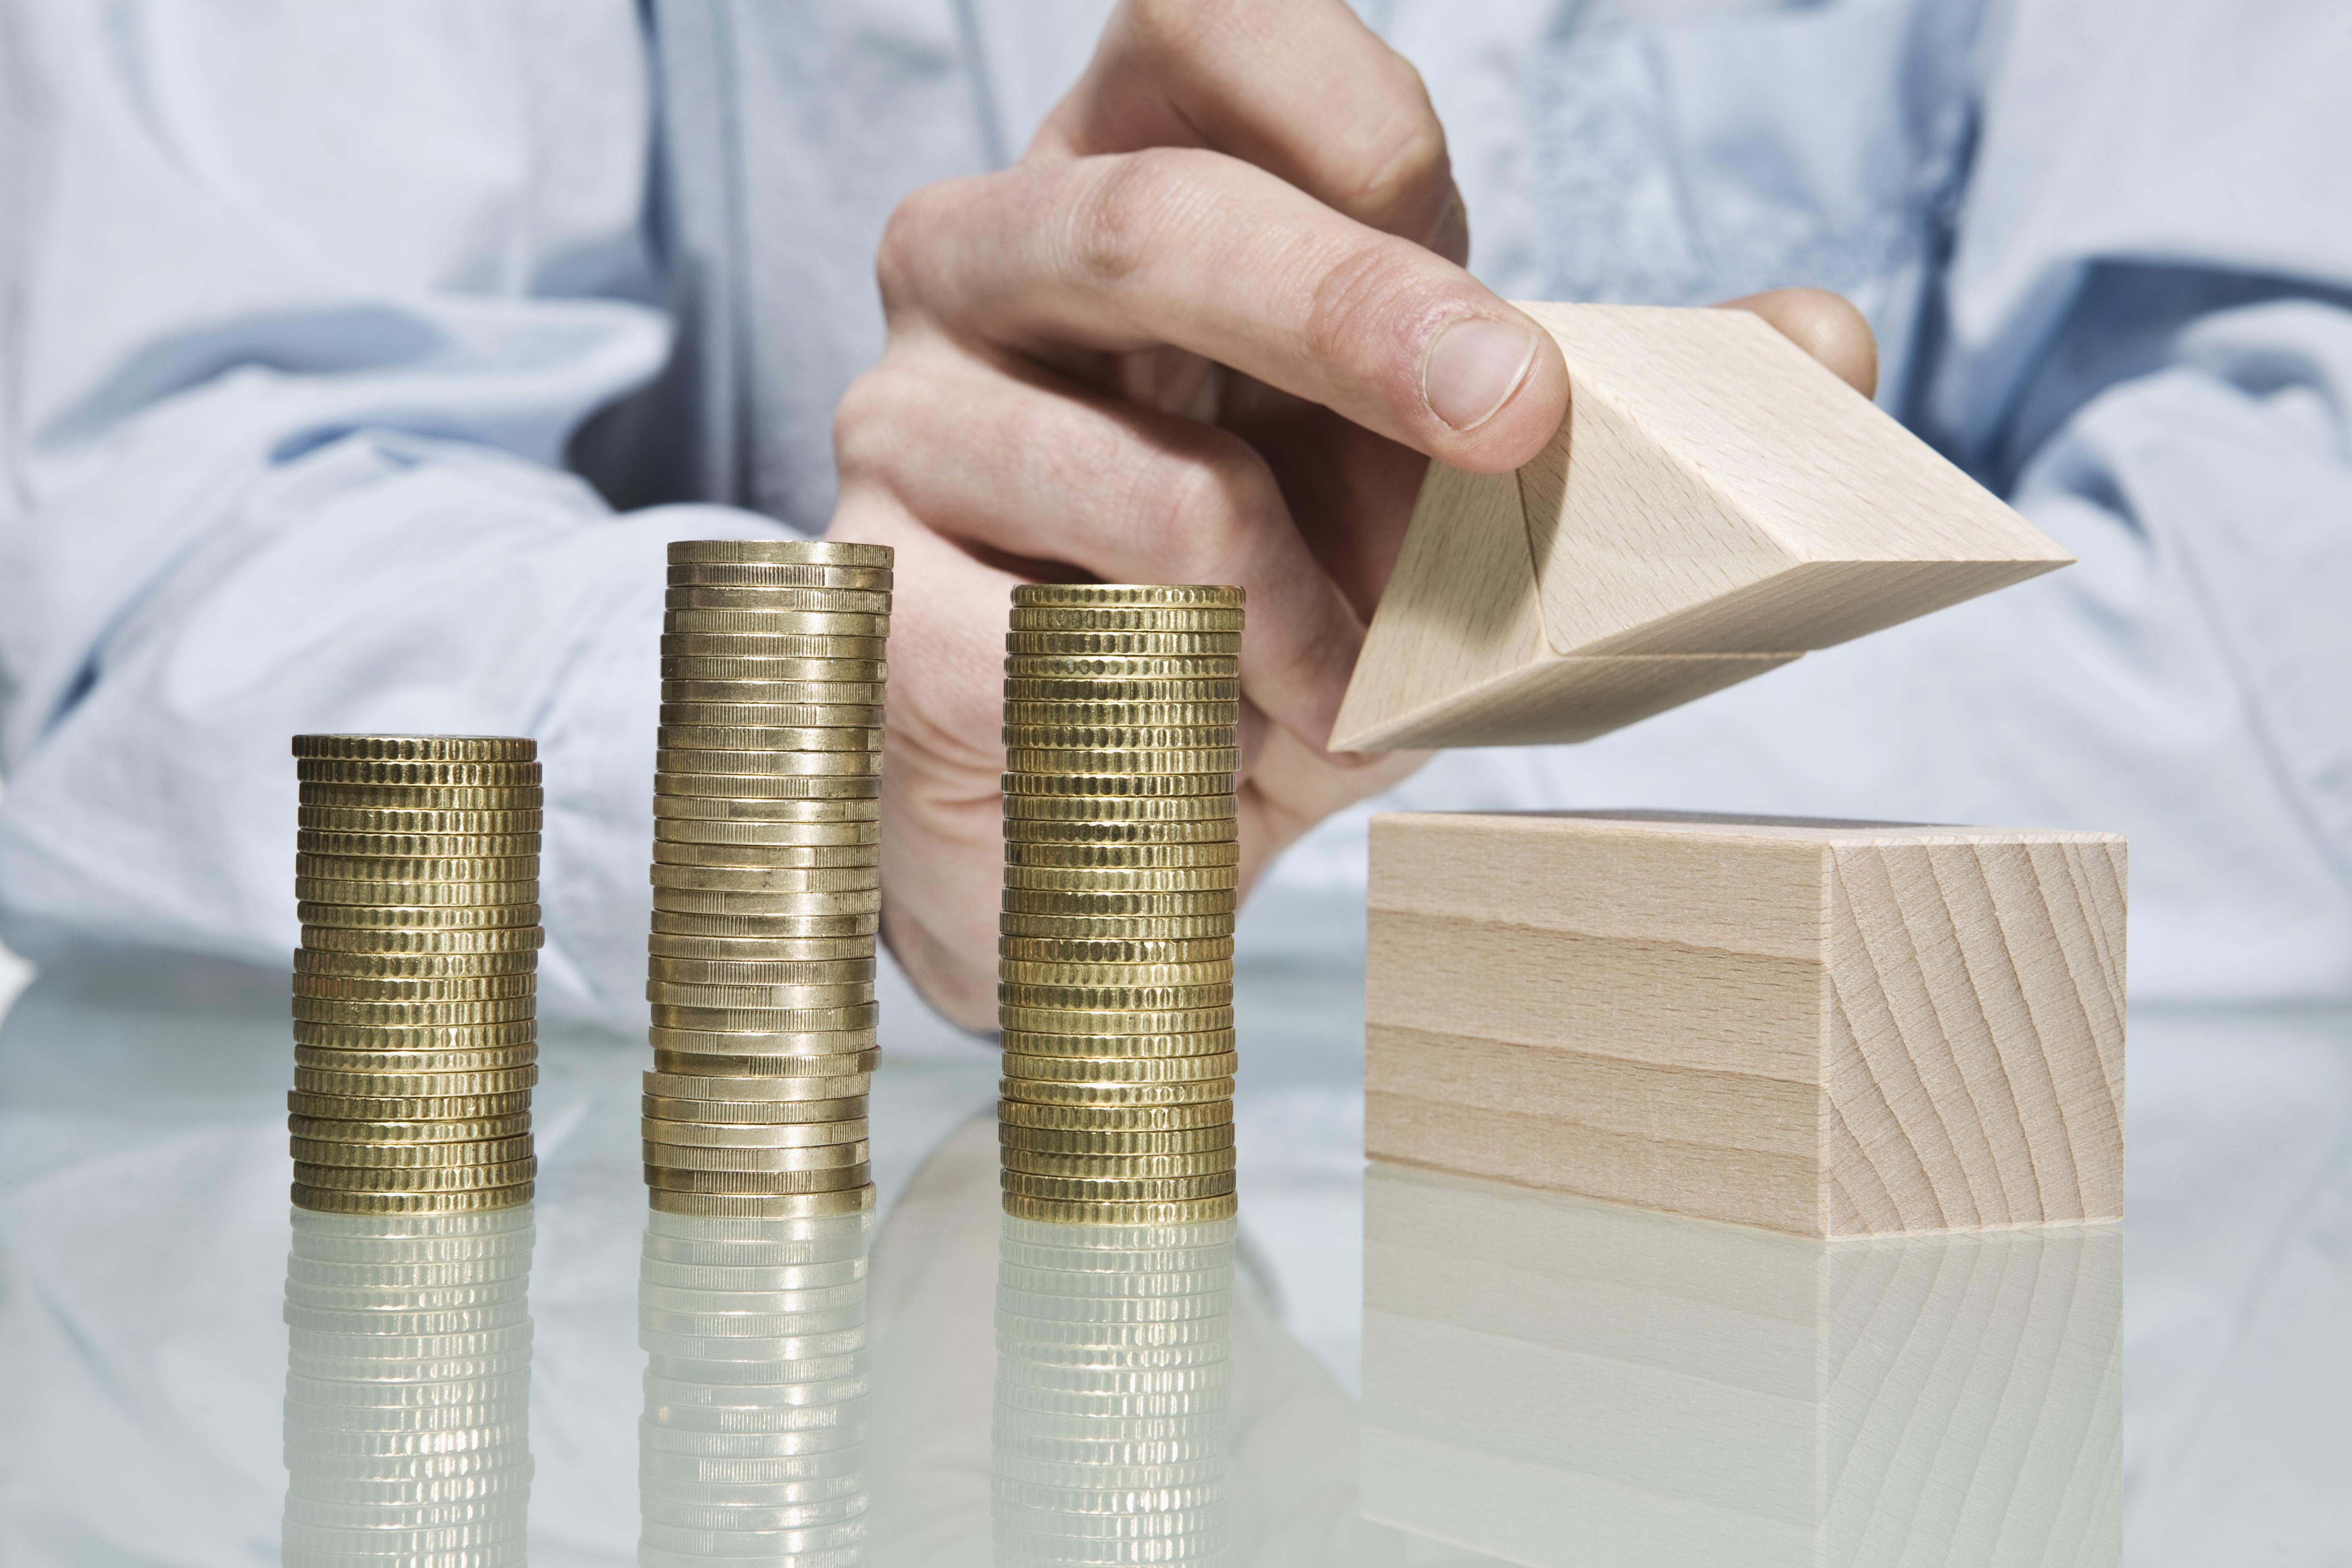 los bancos preparan socimi con sus activos